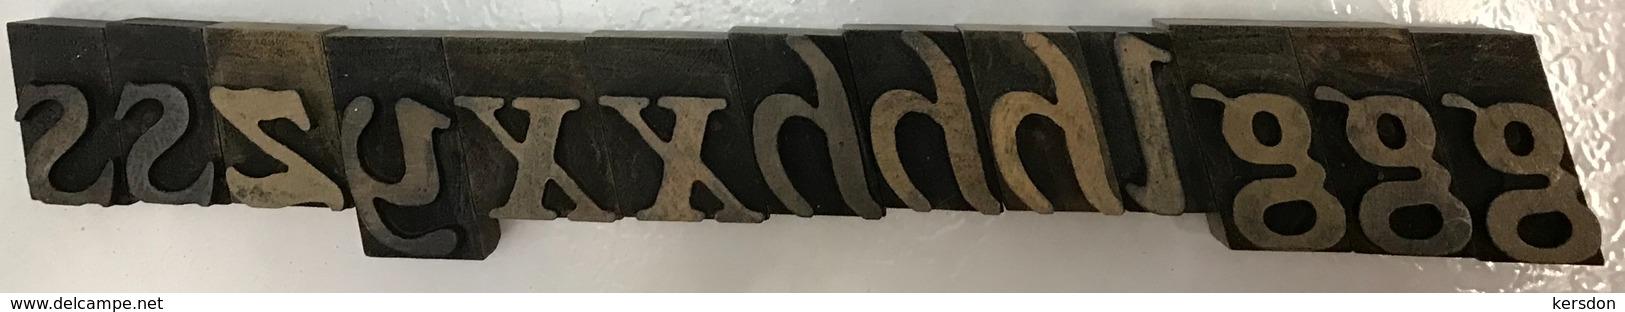 Lettres Typographique En Bois Diverses Lettres - Technical